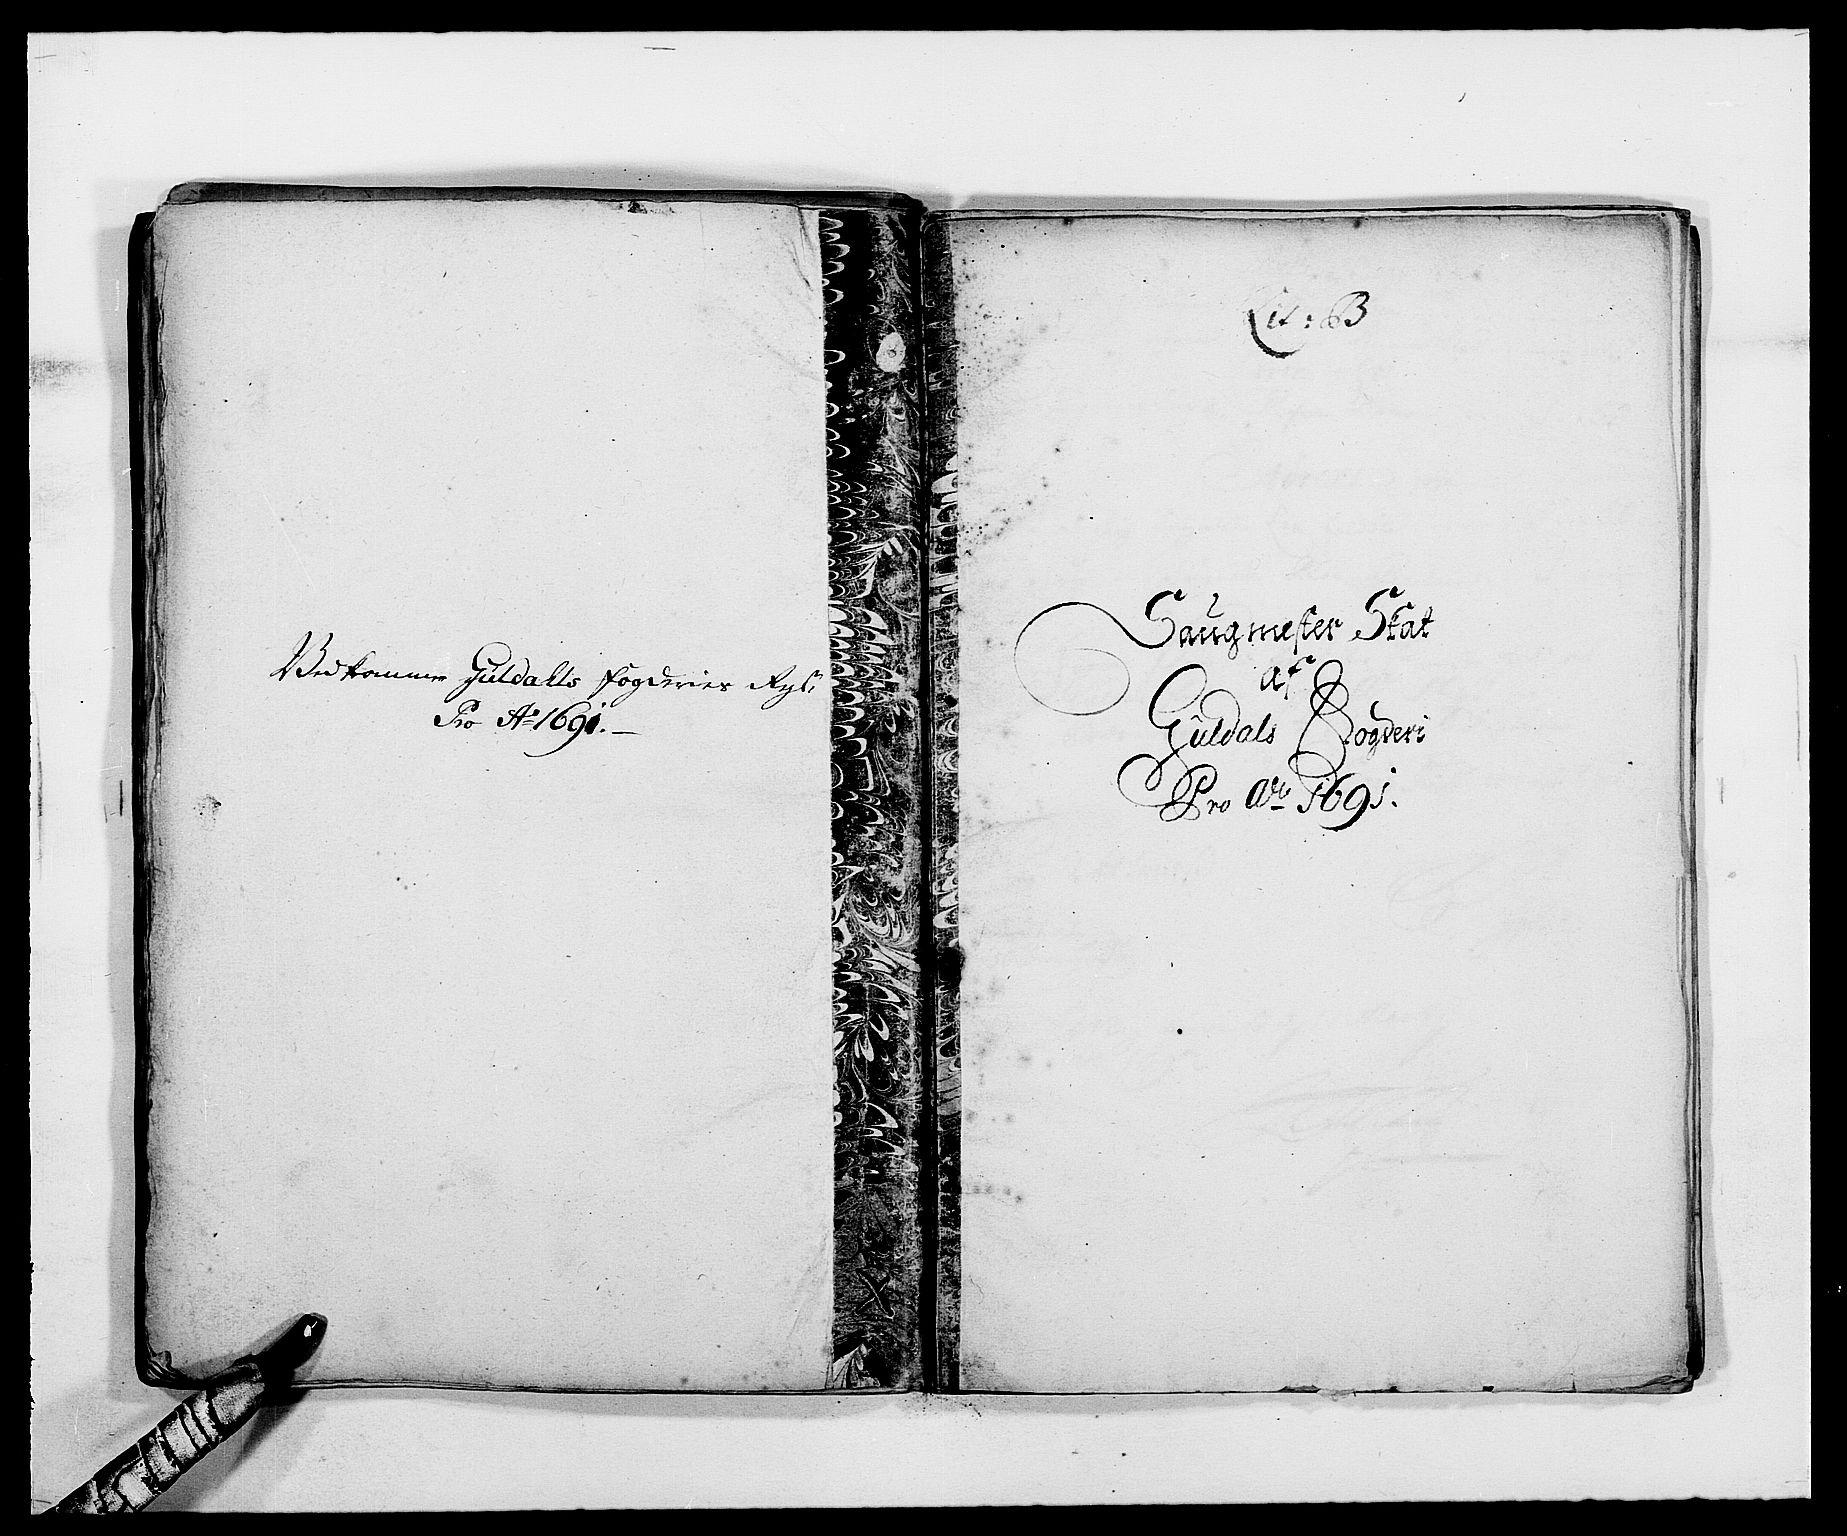 RA, Rentekammeret inntil 1814, Reviderte regnskaper, Fogderegnskap, R59/L3941: Fogderegnskap Gauldal, 1691, s. 61